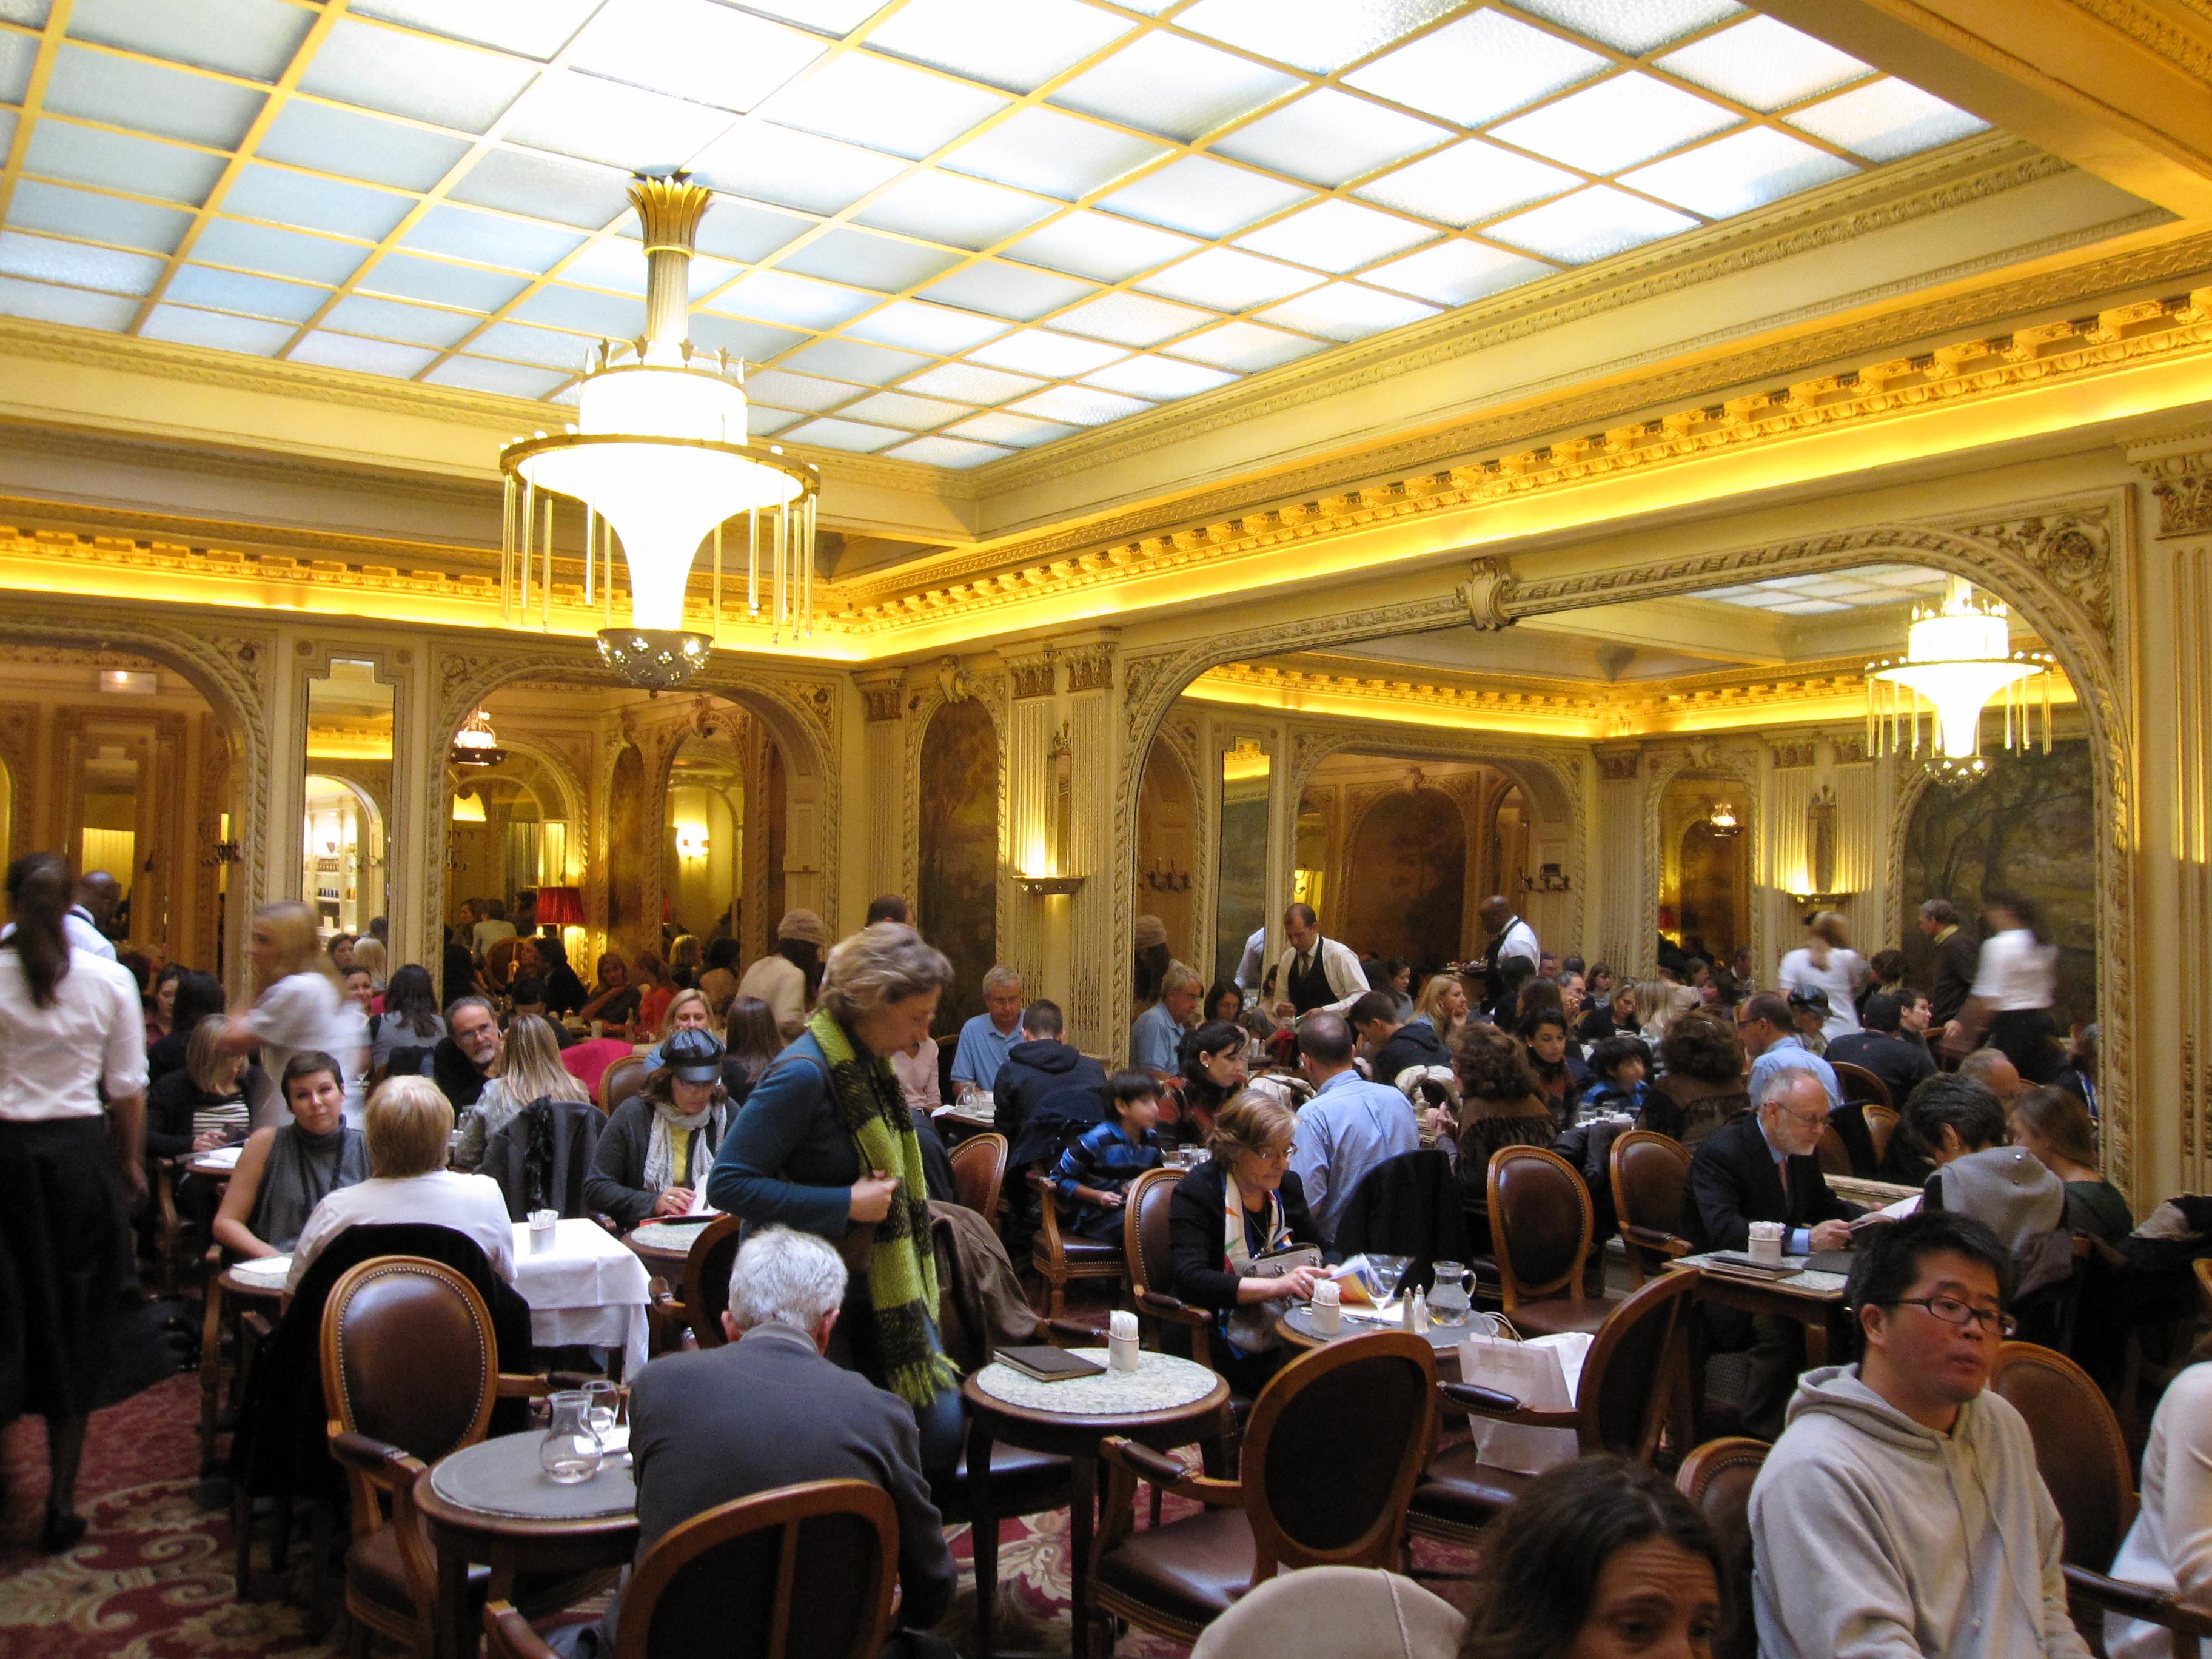 Caf Ef Bf Bd Restaurant Salon De Th Ef Bf Bd A Pornic